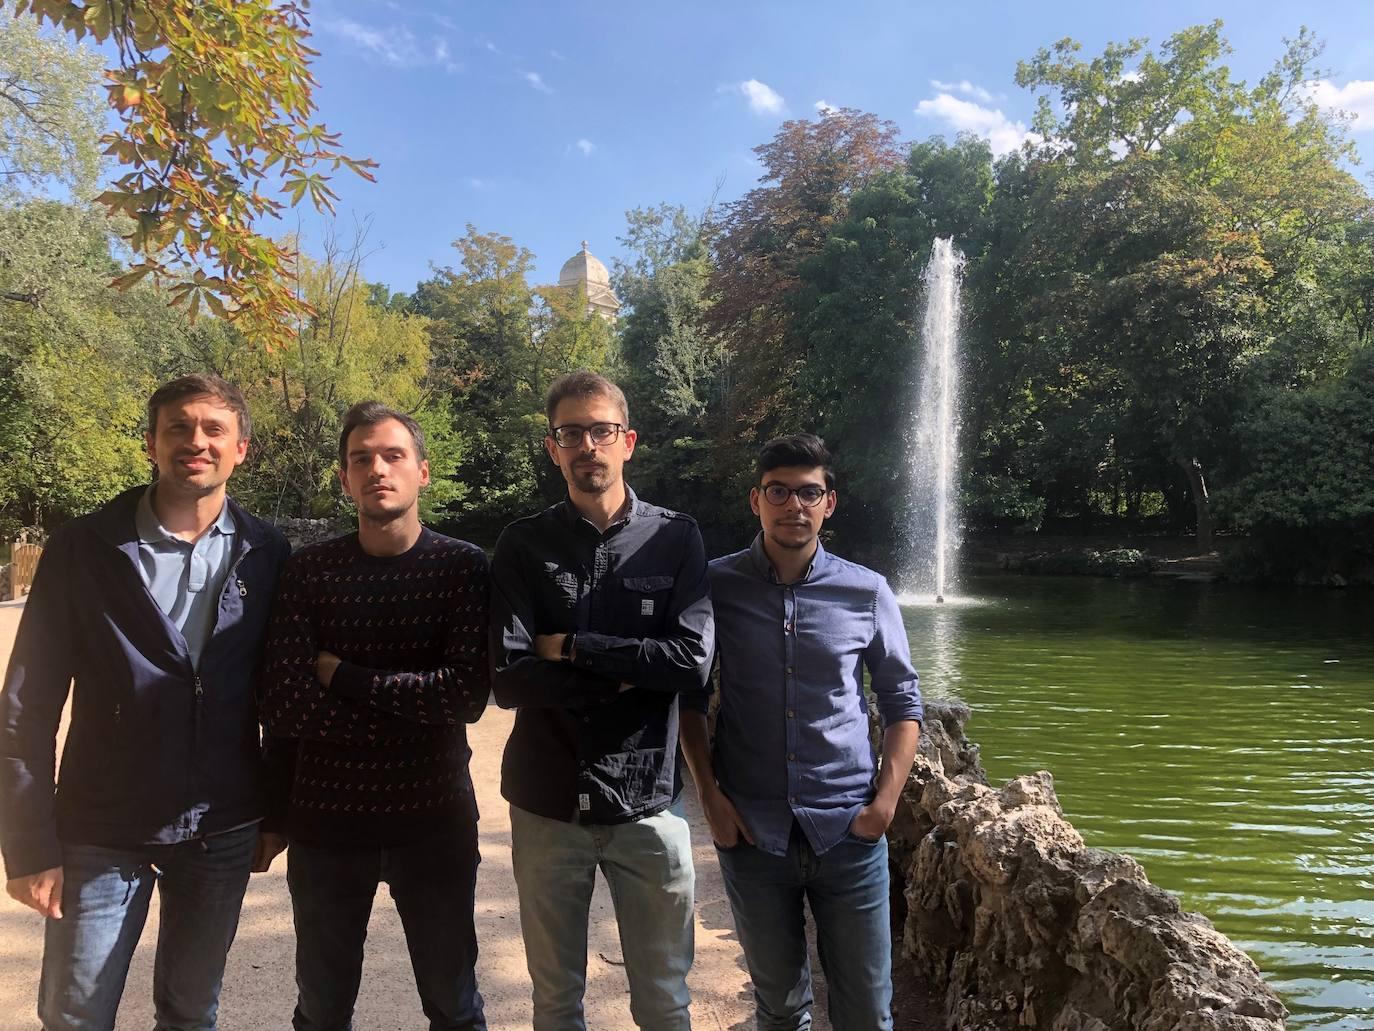 Mario Martínez, profesor del departamento de Teoría de la Señal de la UVA,David Oviedo, Javier González y Gabriel Morales, asesor externo./